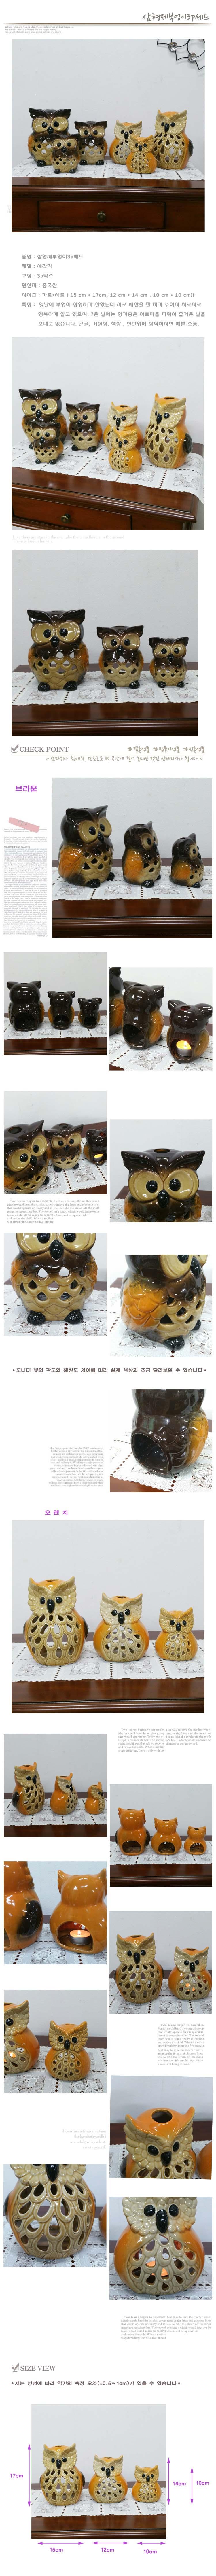 삼형제부엉이3p세트 - 유앤티크, 55,000원, 캔들, 캔들홀더/소품